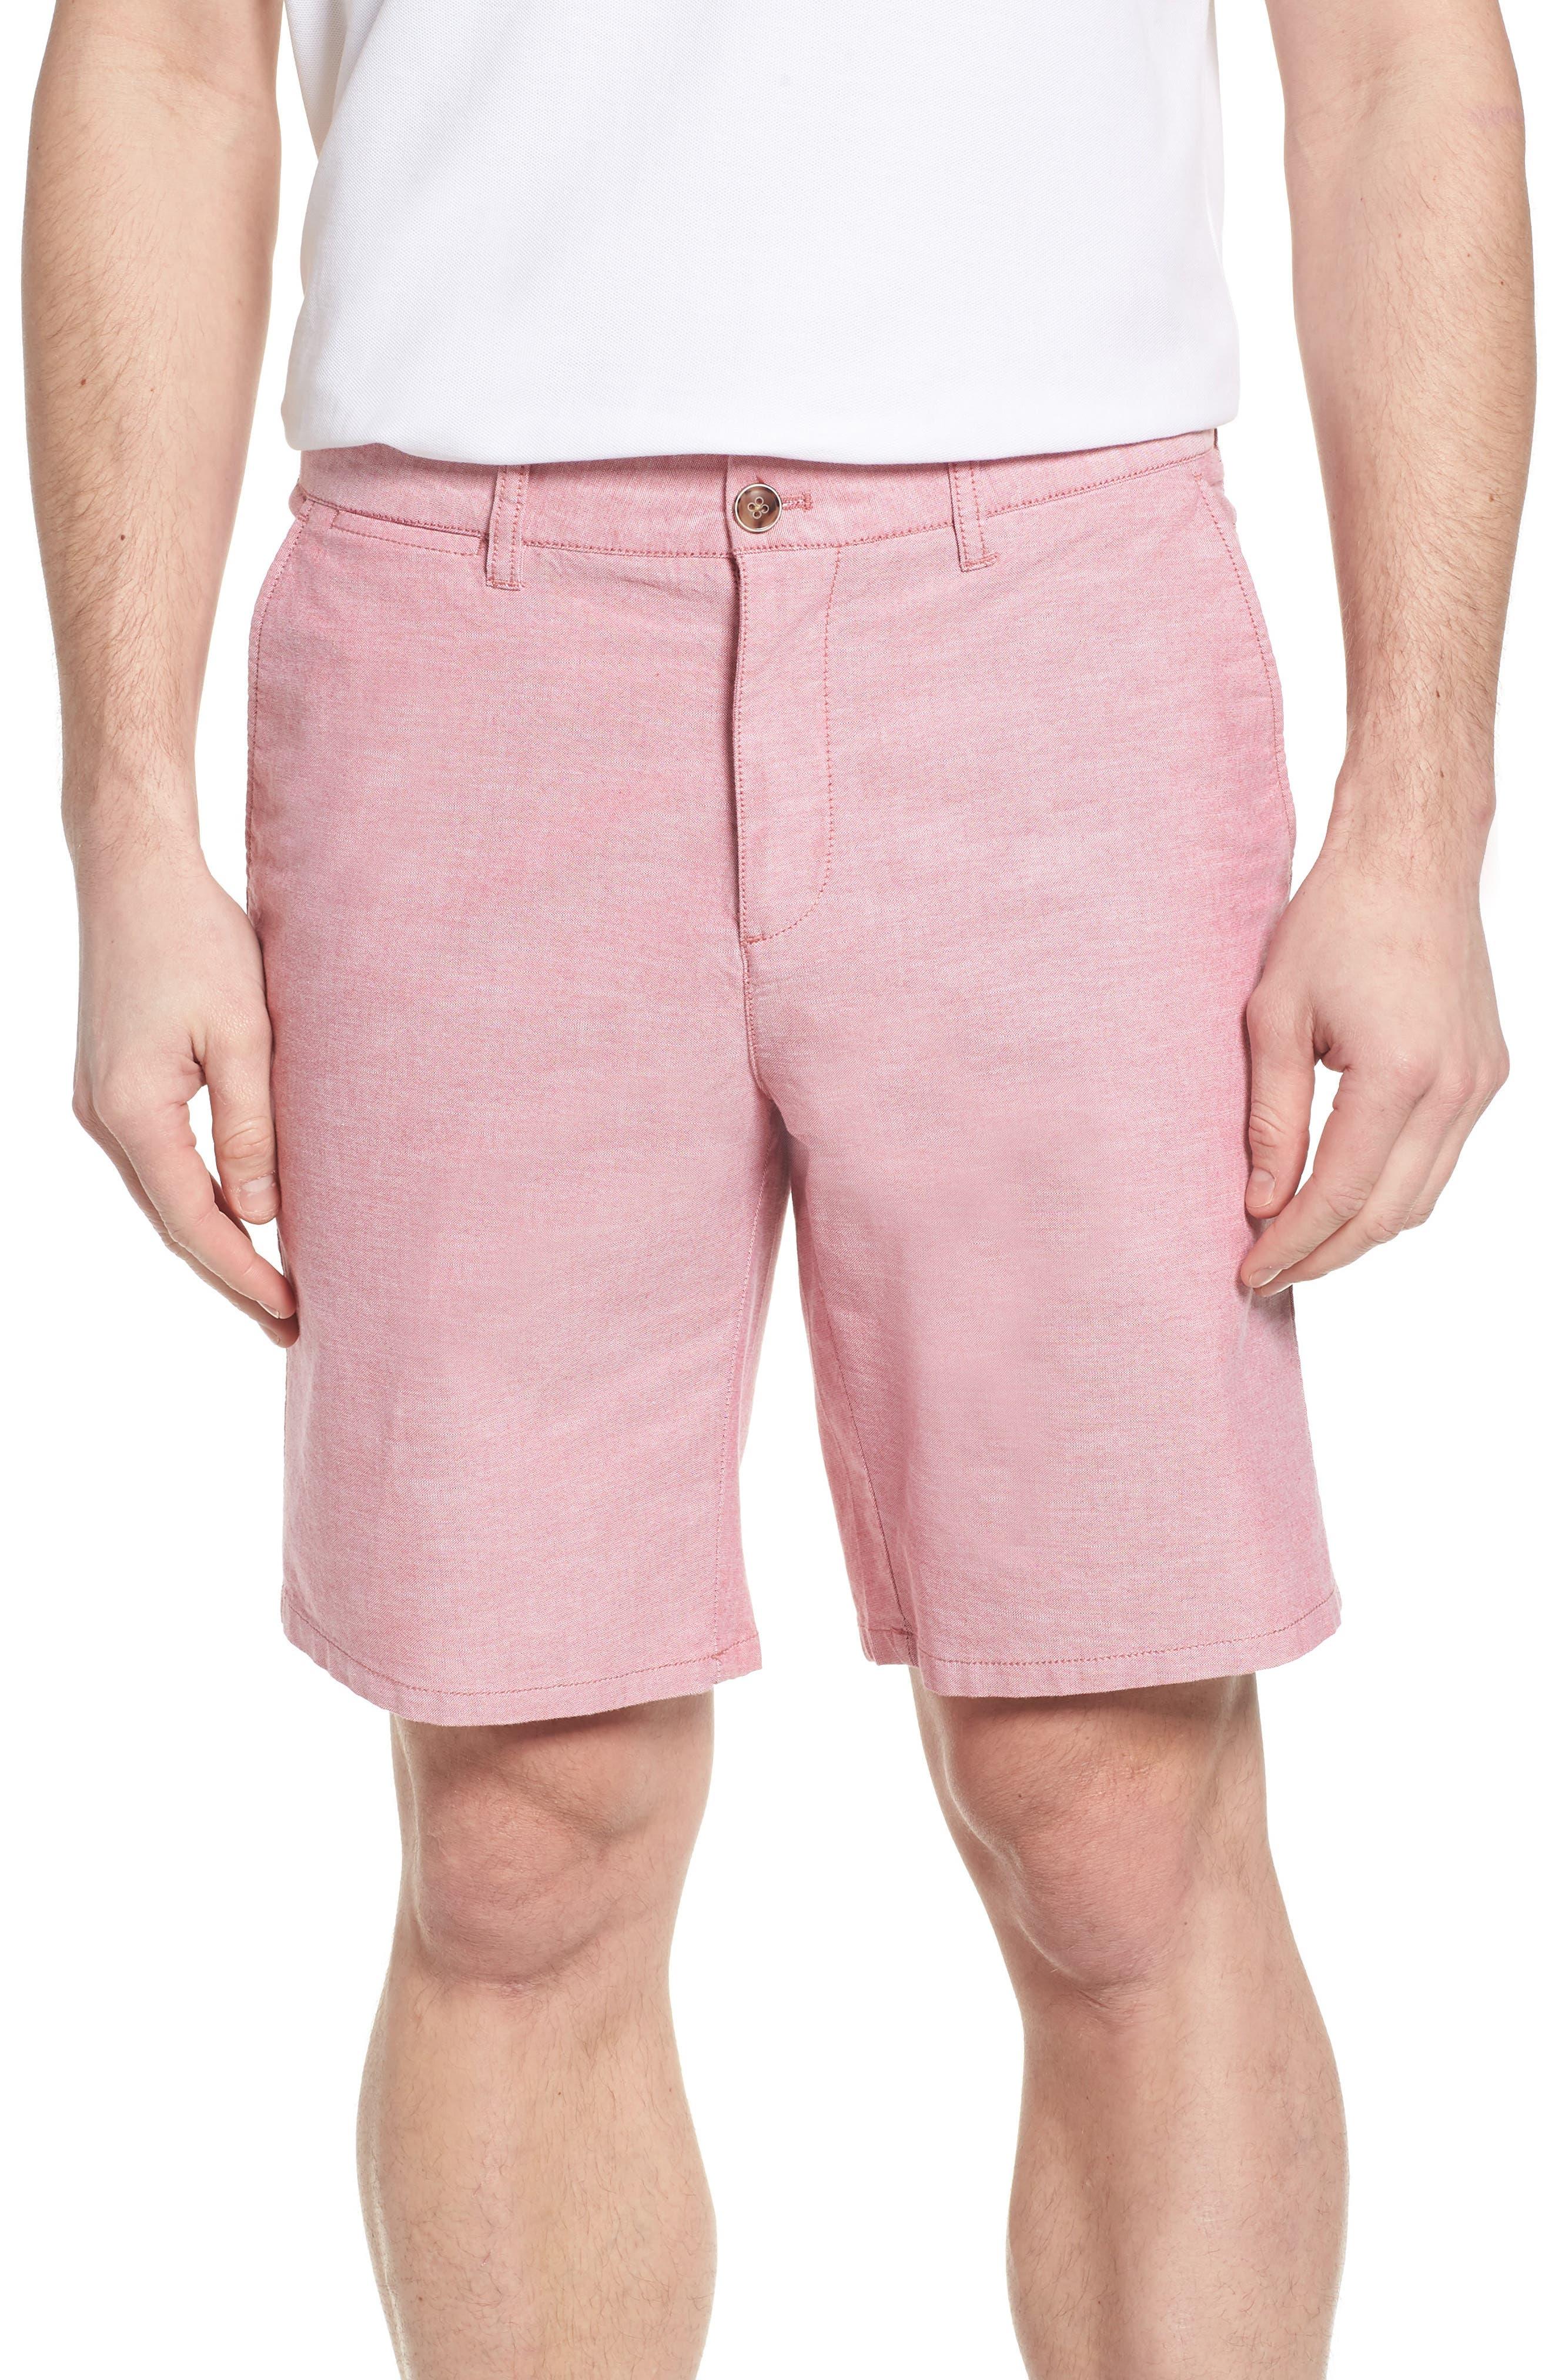 Merritt Regular Fit Shorts,                             Main thumbnail 1, color,                             Malibu Red